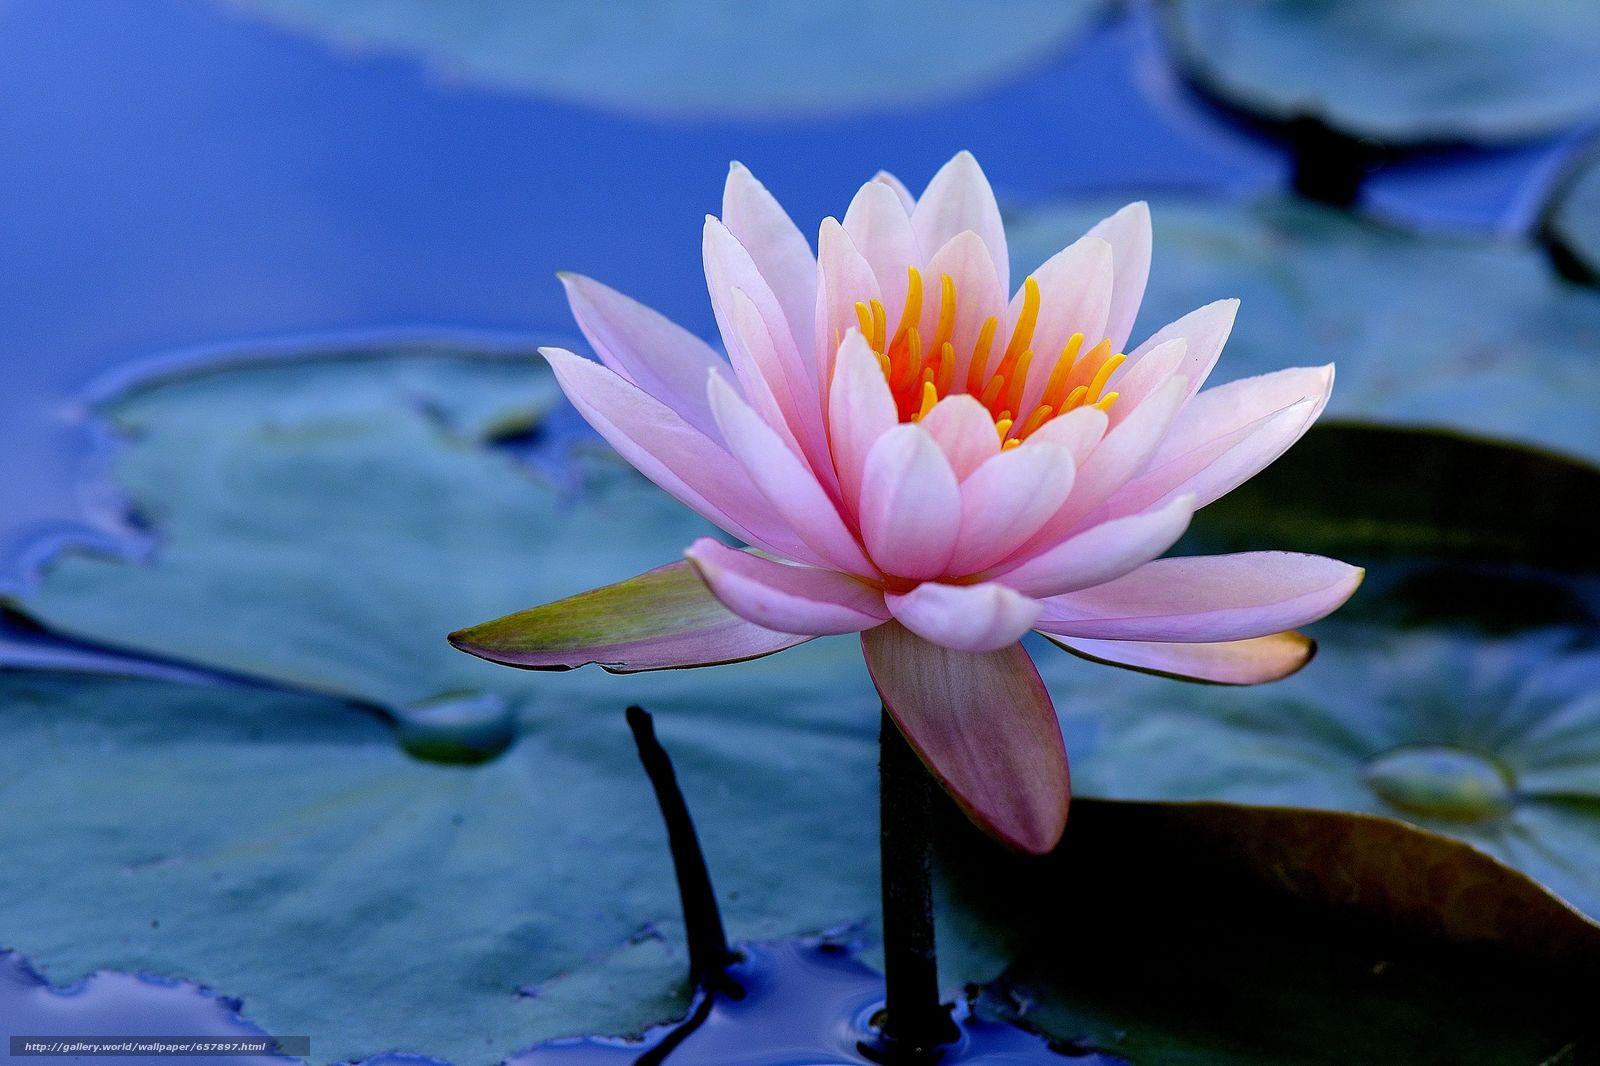 pobra tapety grążel,  Lilie wodne,  Kwiaty,  flora Darmowe tapety na pulpit rozdzielczoci 4354x2902 — zdjcie №657897